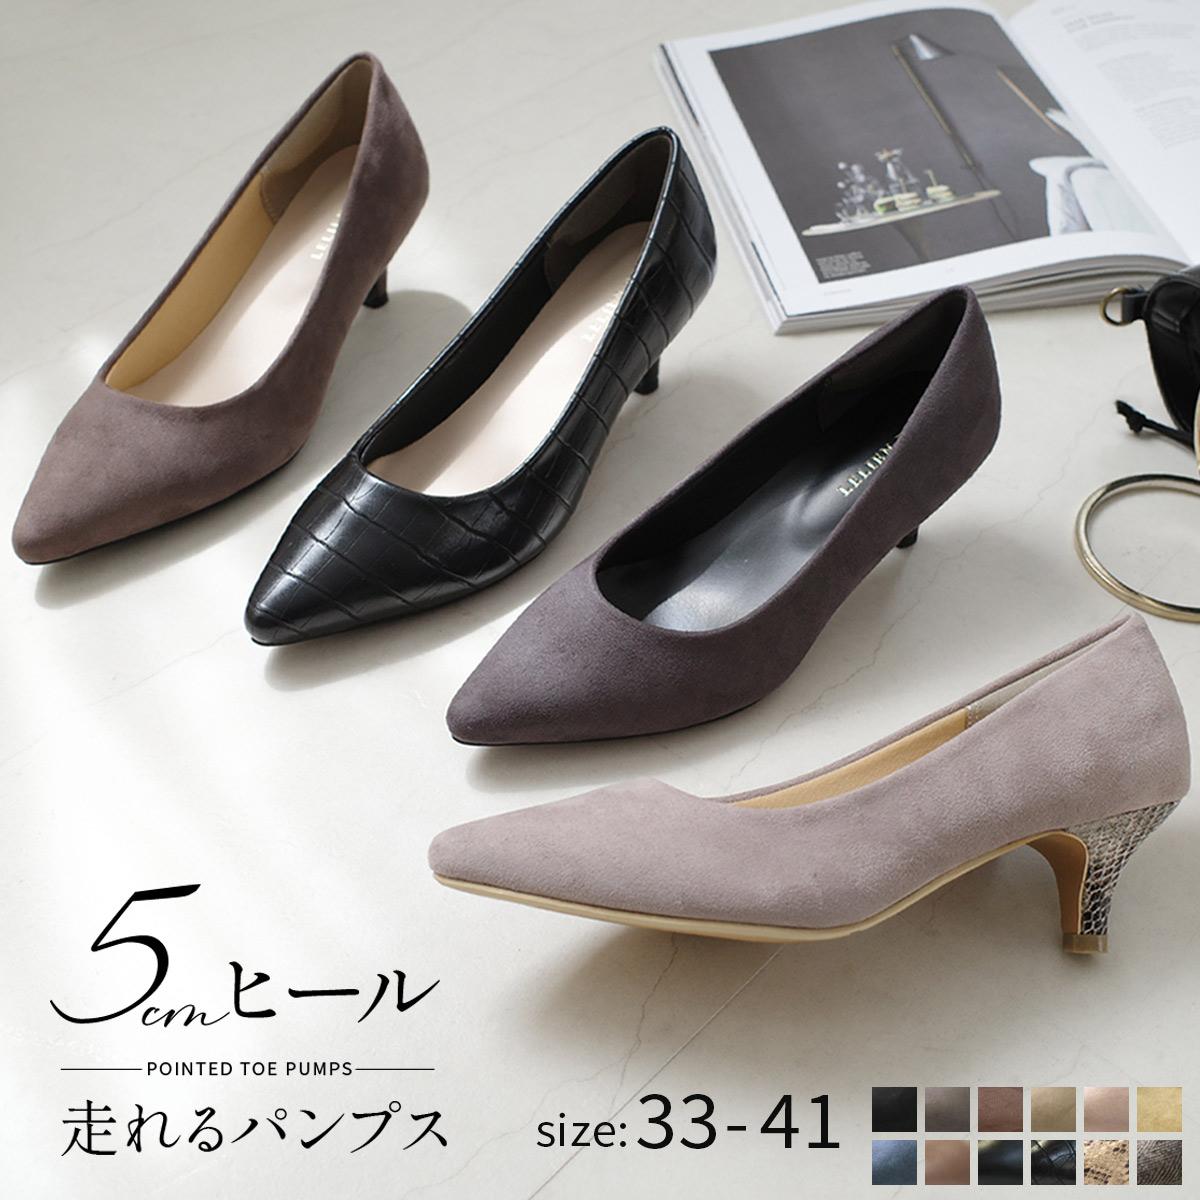 程よい高さで歩きやすさと美脚を叶える5cmヒールフィット感のある優しい履き心地結婚式 入学式 卒園式 パーティー ビジネス フォーマル オフィス 送料無料 パンプス 痛くない 歩きやすい 走れる ポインテッドトゥ 5センチヒール 脱げない セールSALE%OFF レディース 柔らか 異素材 生地巻きヒール 25.0 クロコ 大きいサイズ CX2500 格安店 小さいサイズ 秋冬 バイカラー 22.0 ローヒール ゼブラ 25.5 パイソン